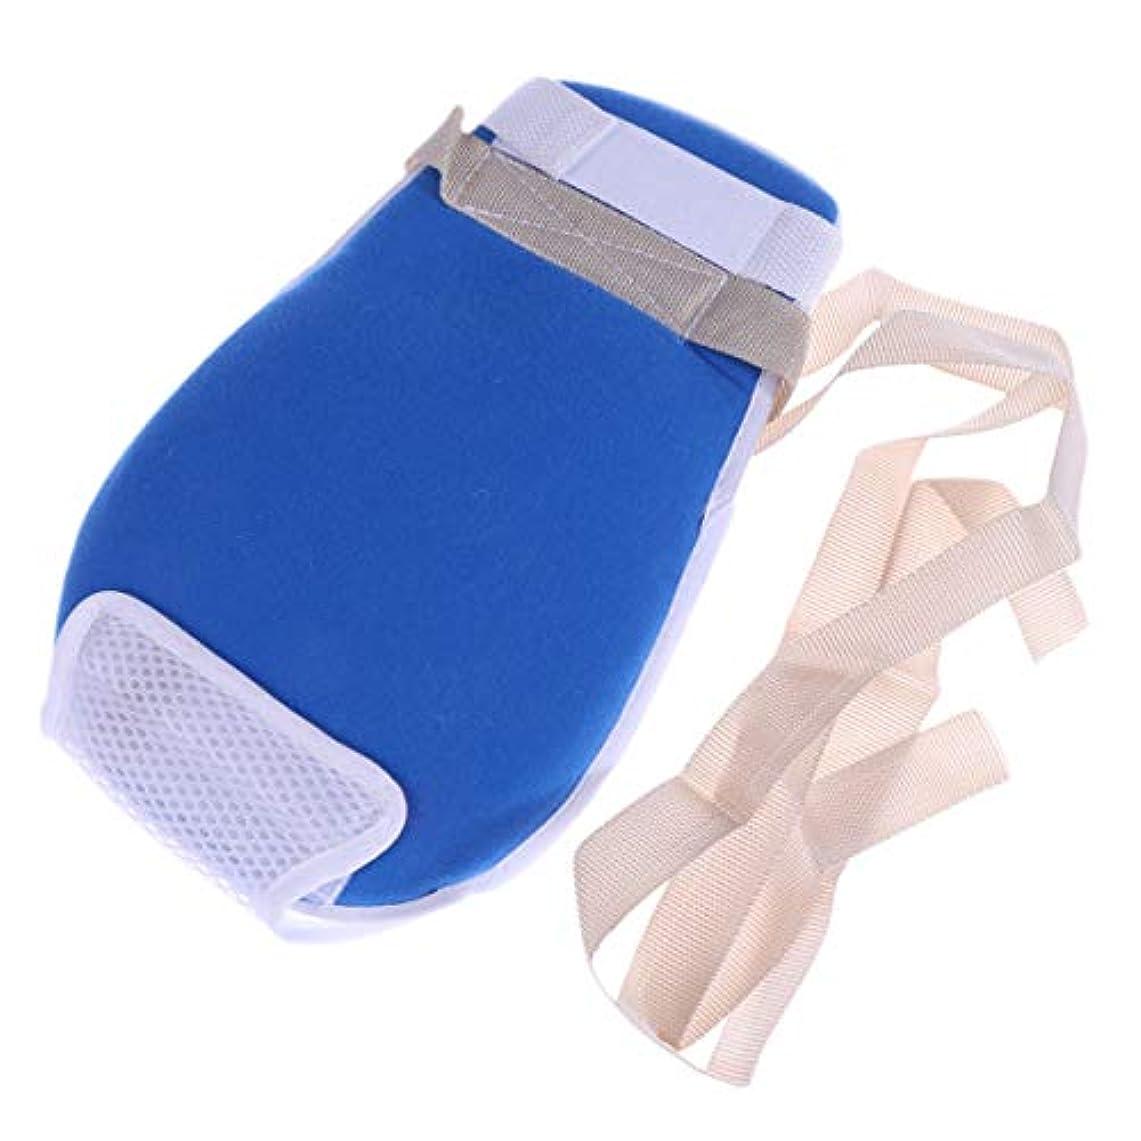 グラマー養う落ち着かないHealifty 制御手袋耐スクラッチ保護手袋(青)